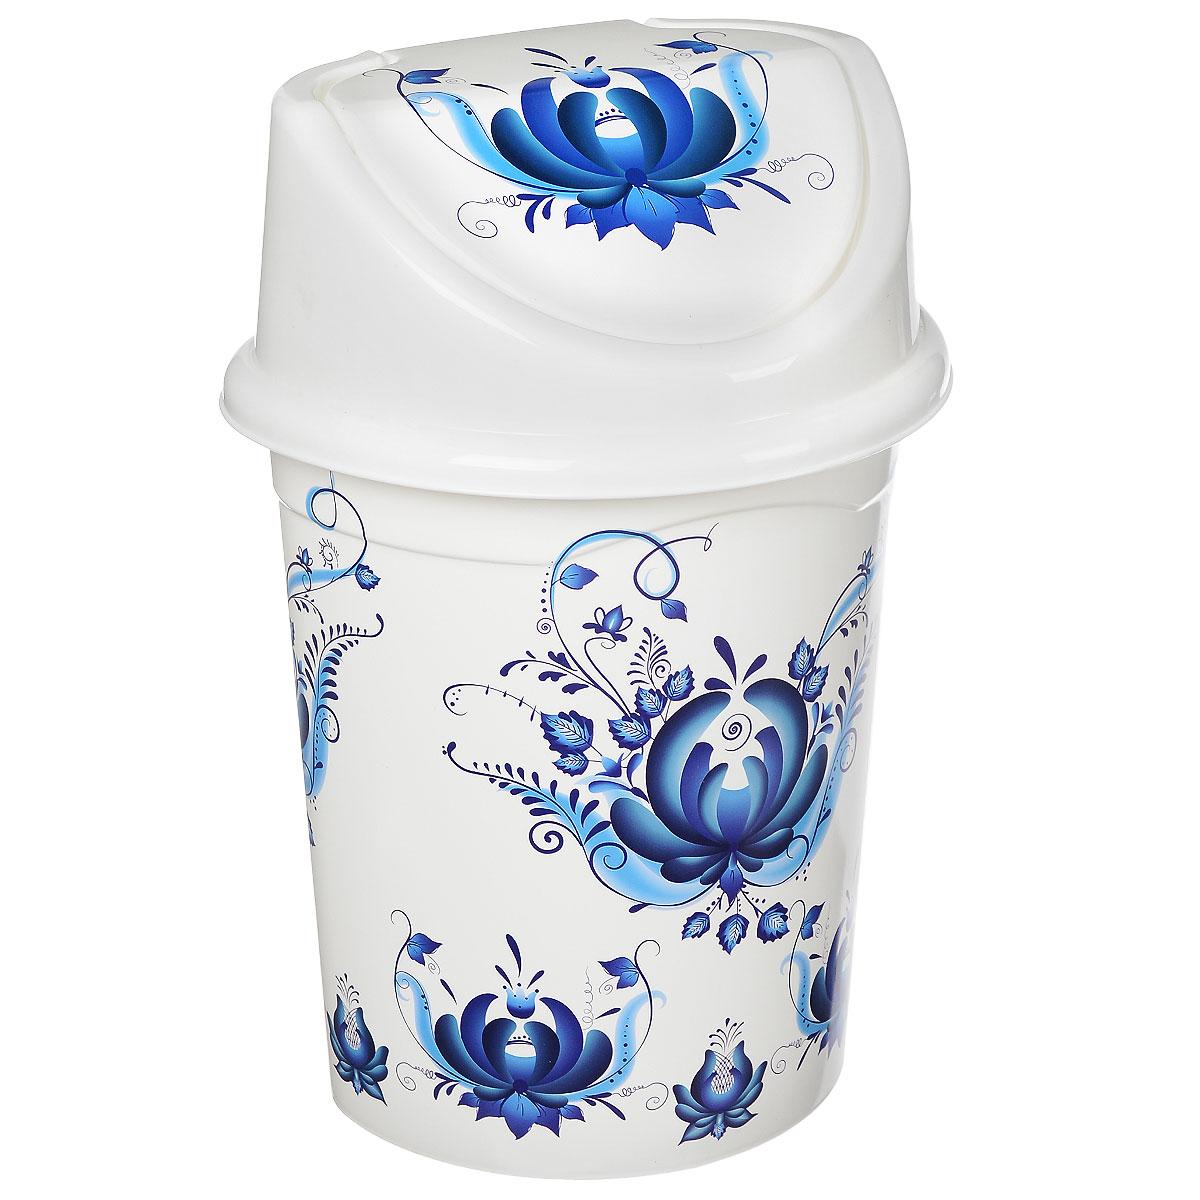 Контейнер для мусора Violet Гжель, цвет: белый, синий, 14 лPARADIS I 75013-1W ANTIQUEКонтейнер для мусора Violet Гжель изготовлен из прочного пластика. Контейнер снабжен удобной съемной крышкой с подвижной перегородкой. Благодаря стильному дизайну такой контейнер идеально украсит интерьер и дома, и офиса.